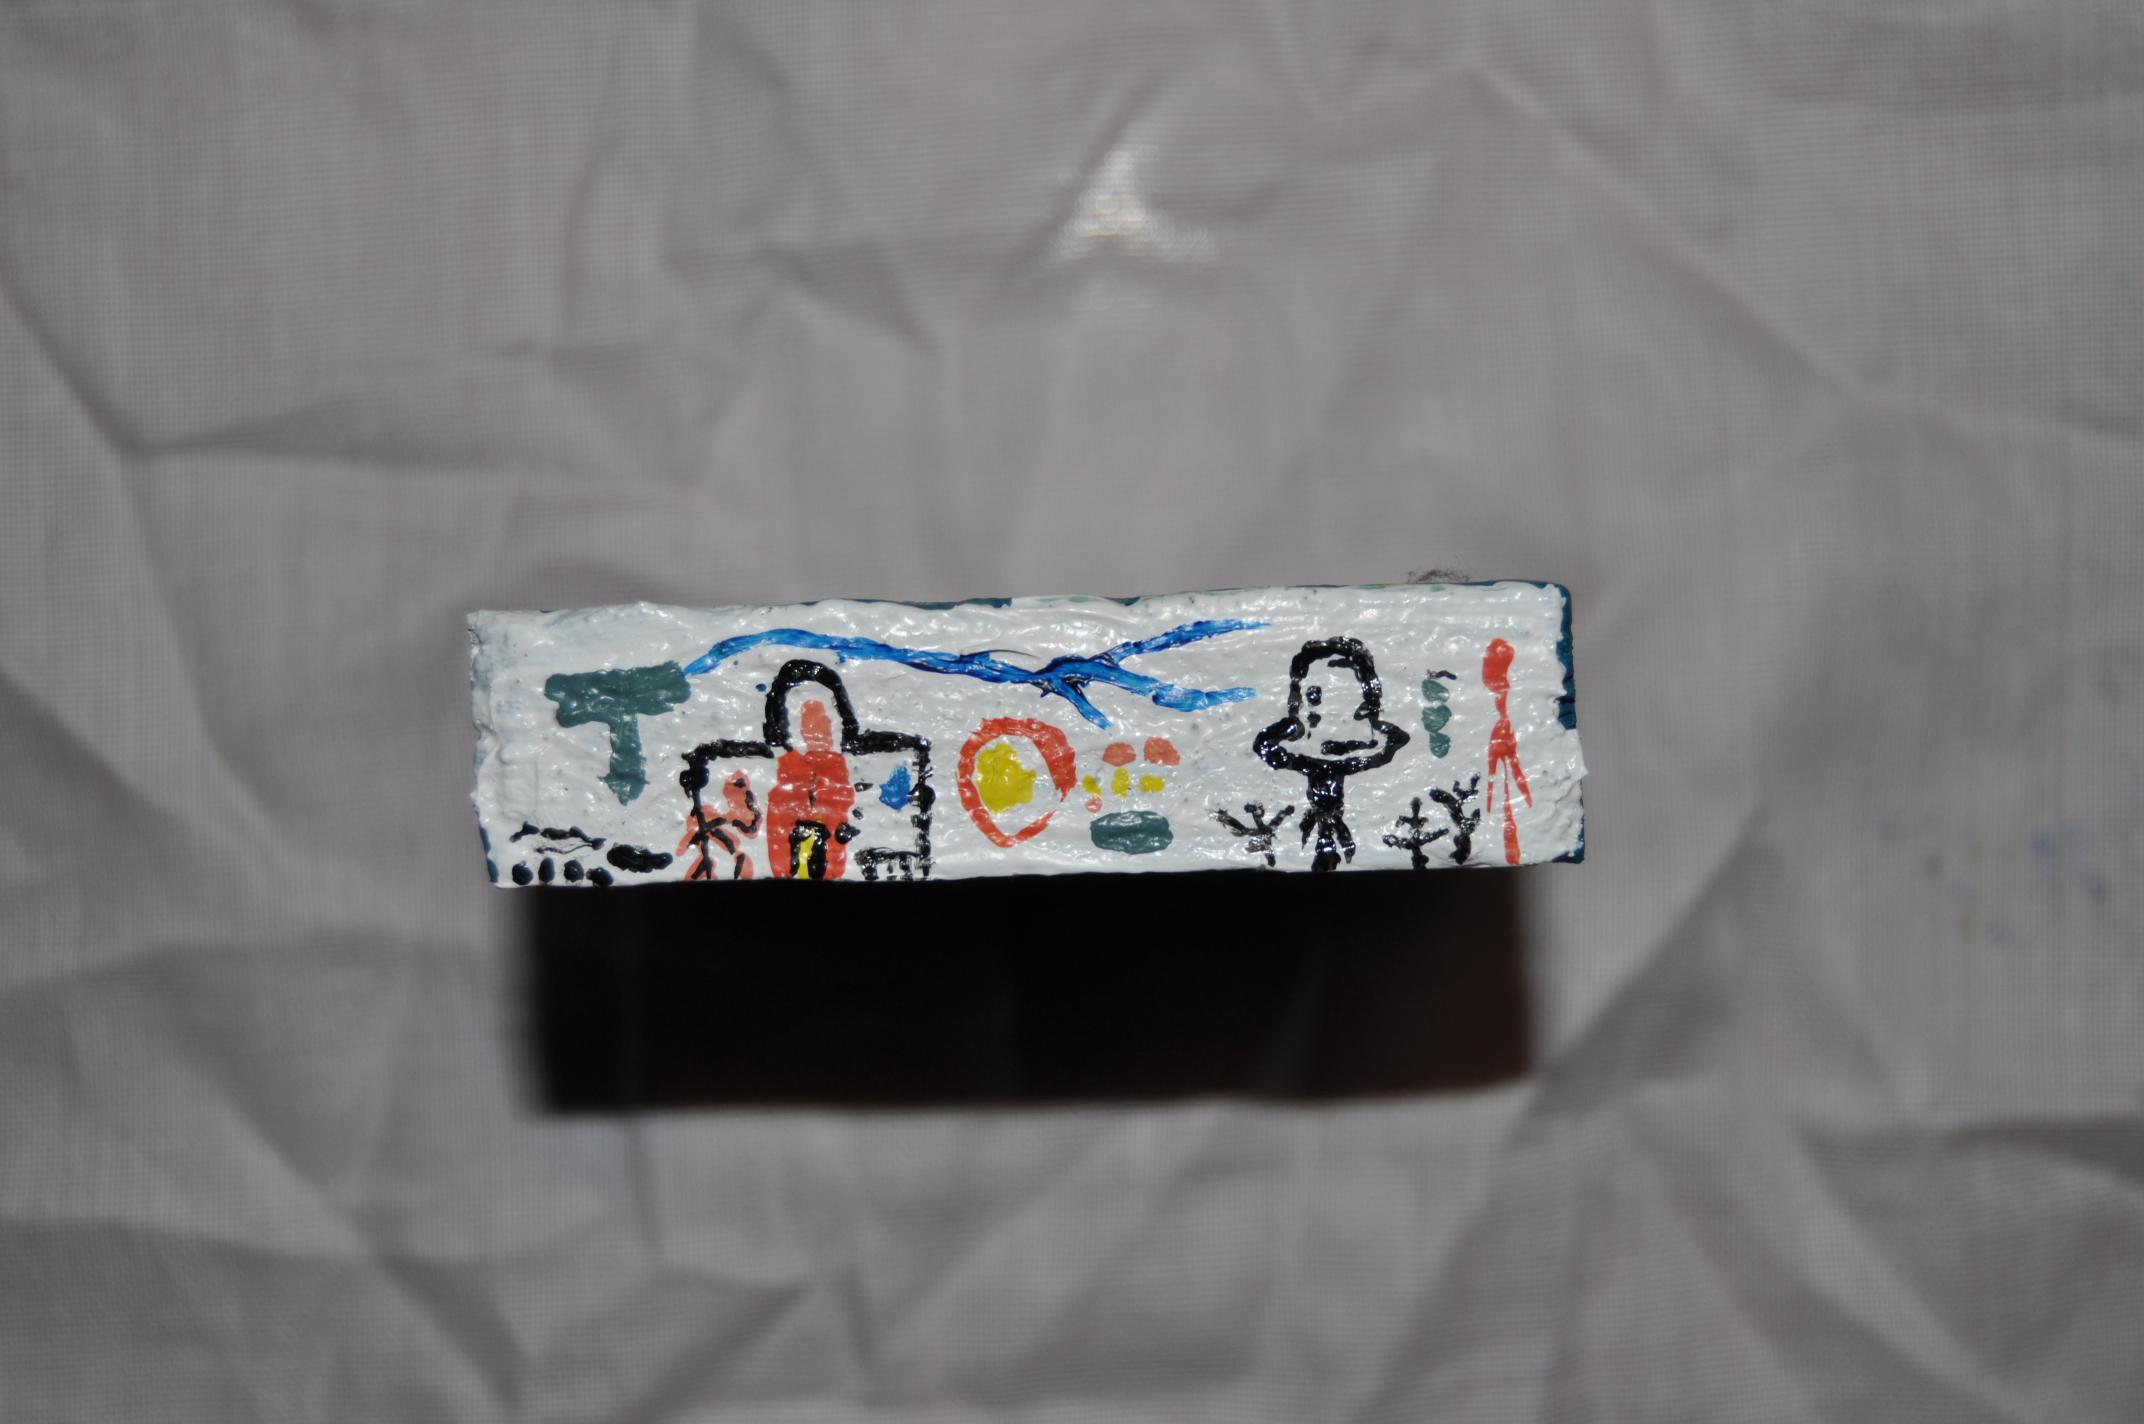 2pintura Acrílico sobre madera.  8x1,5 cm